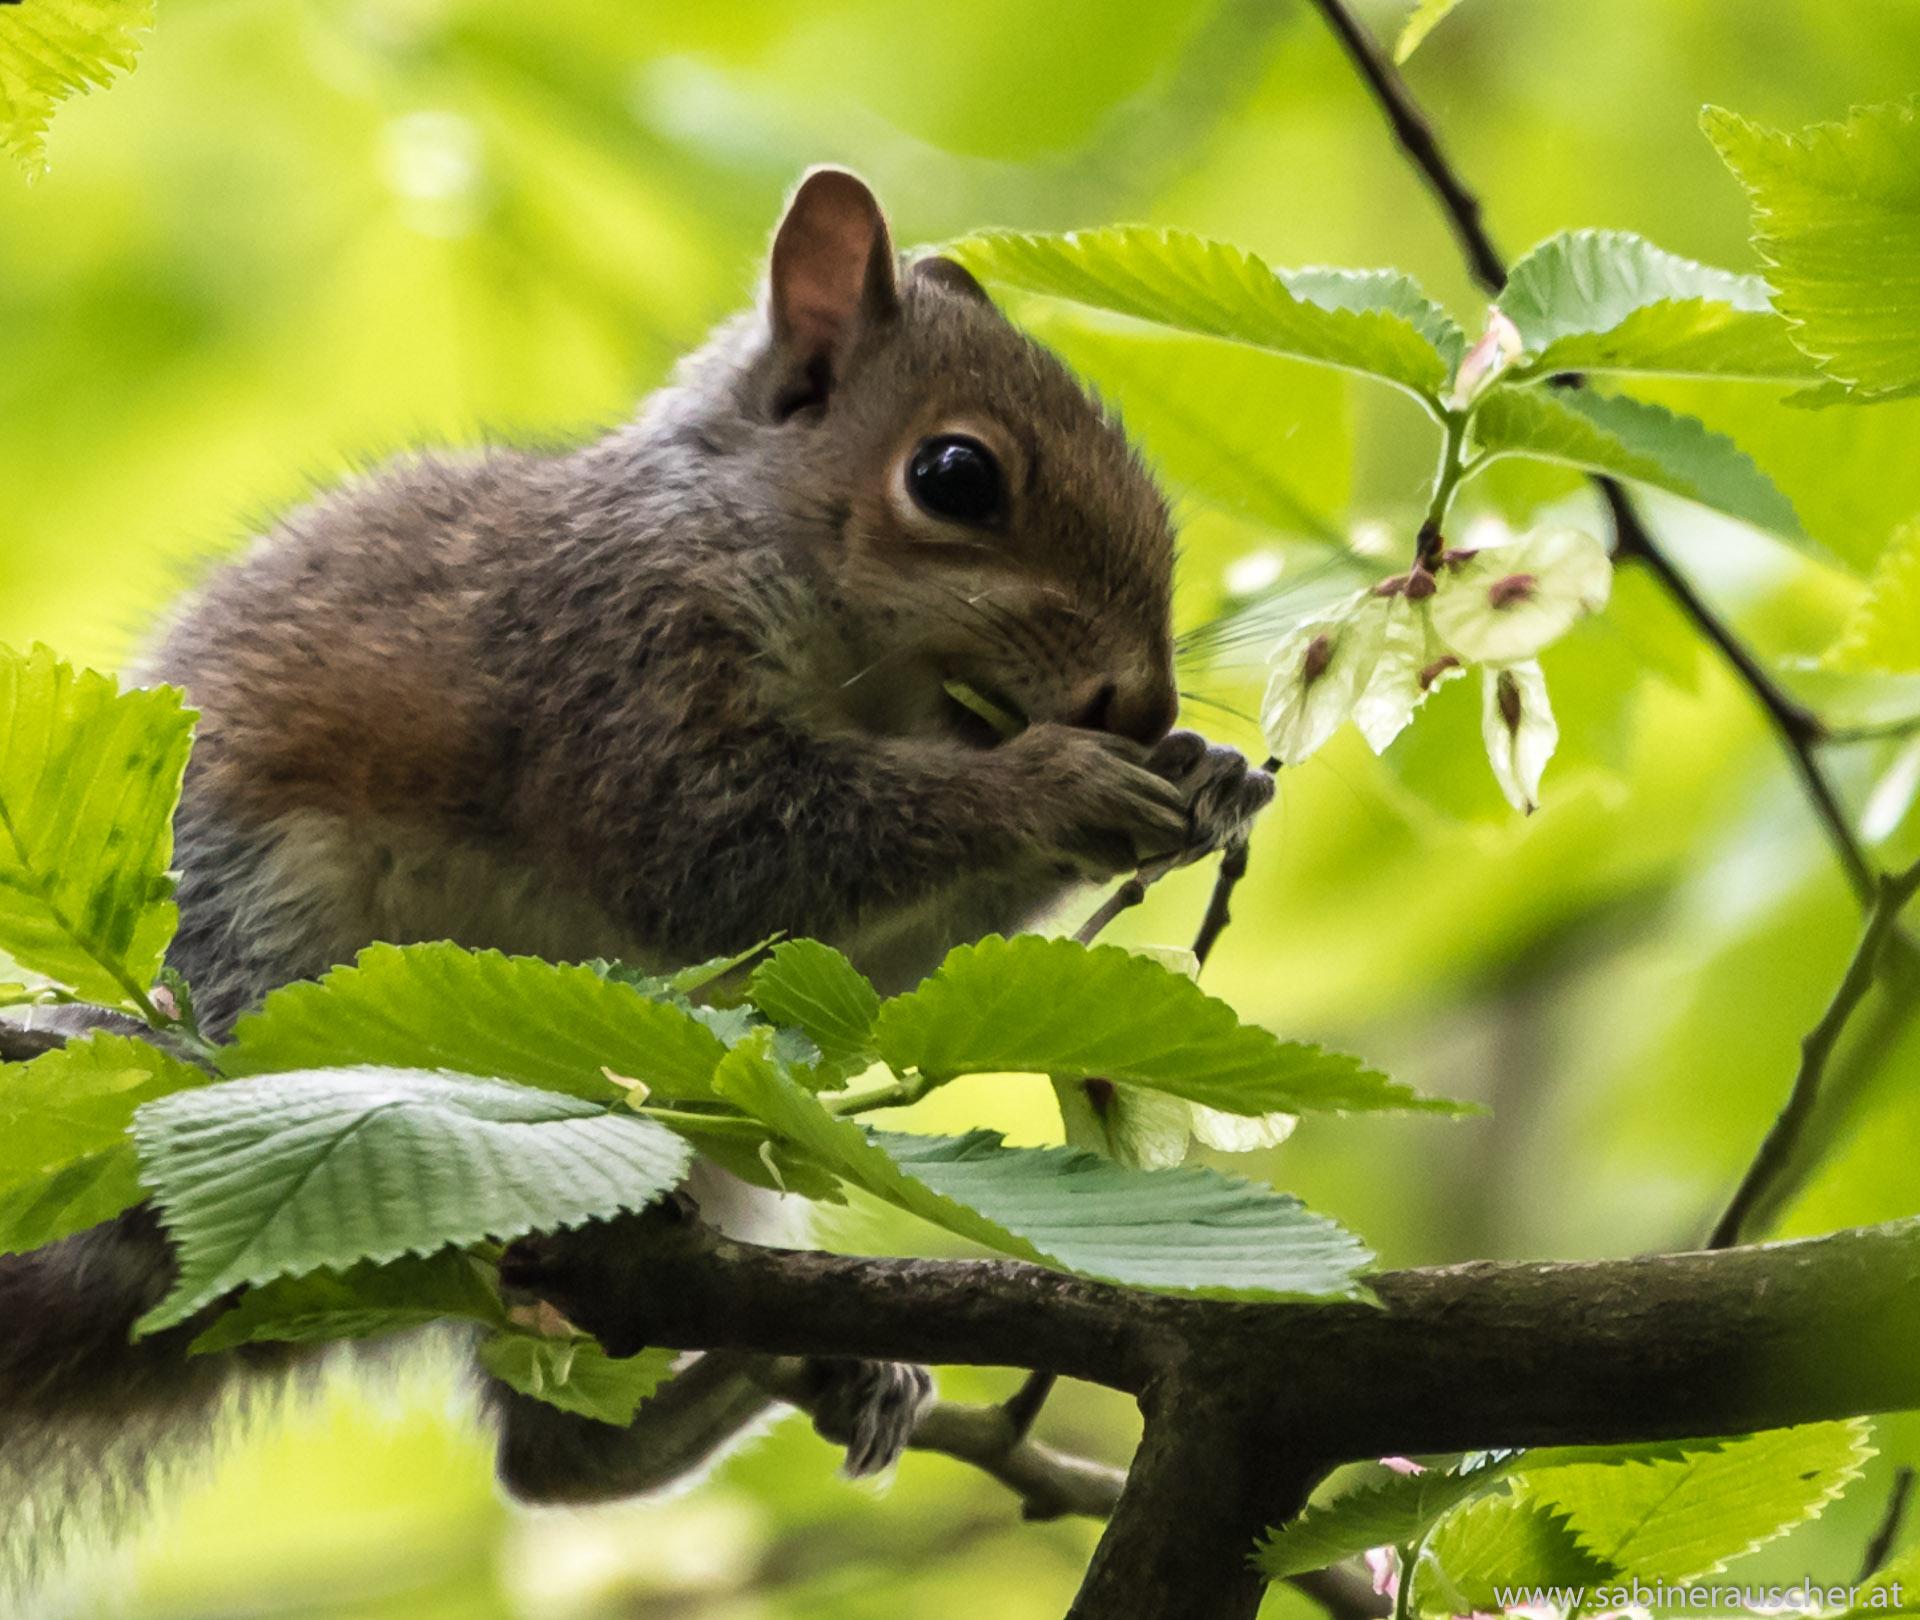 grey squirrel in Wales   Eichhörnchen - die dominante graue Art, die die roten verdrängt